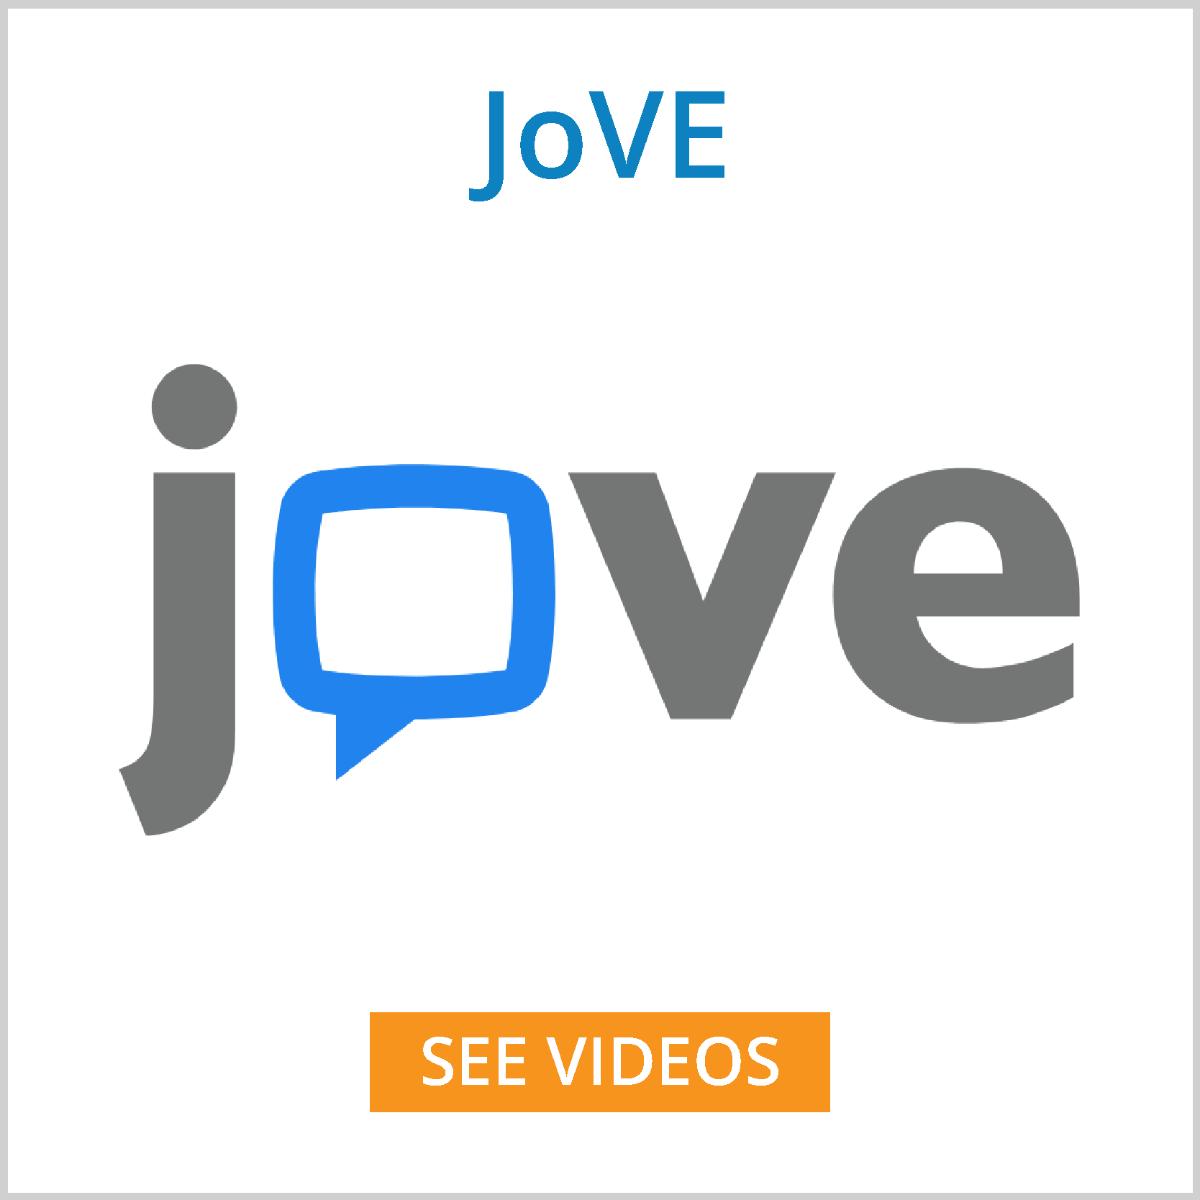 JoVE videos